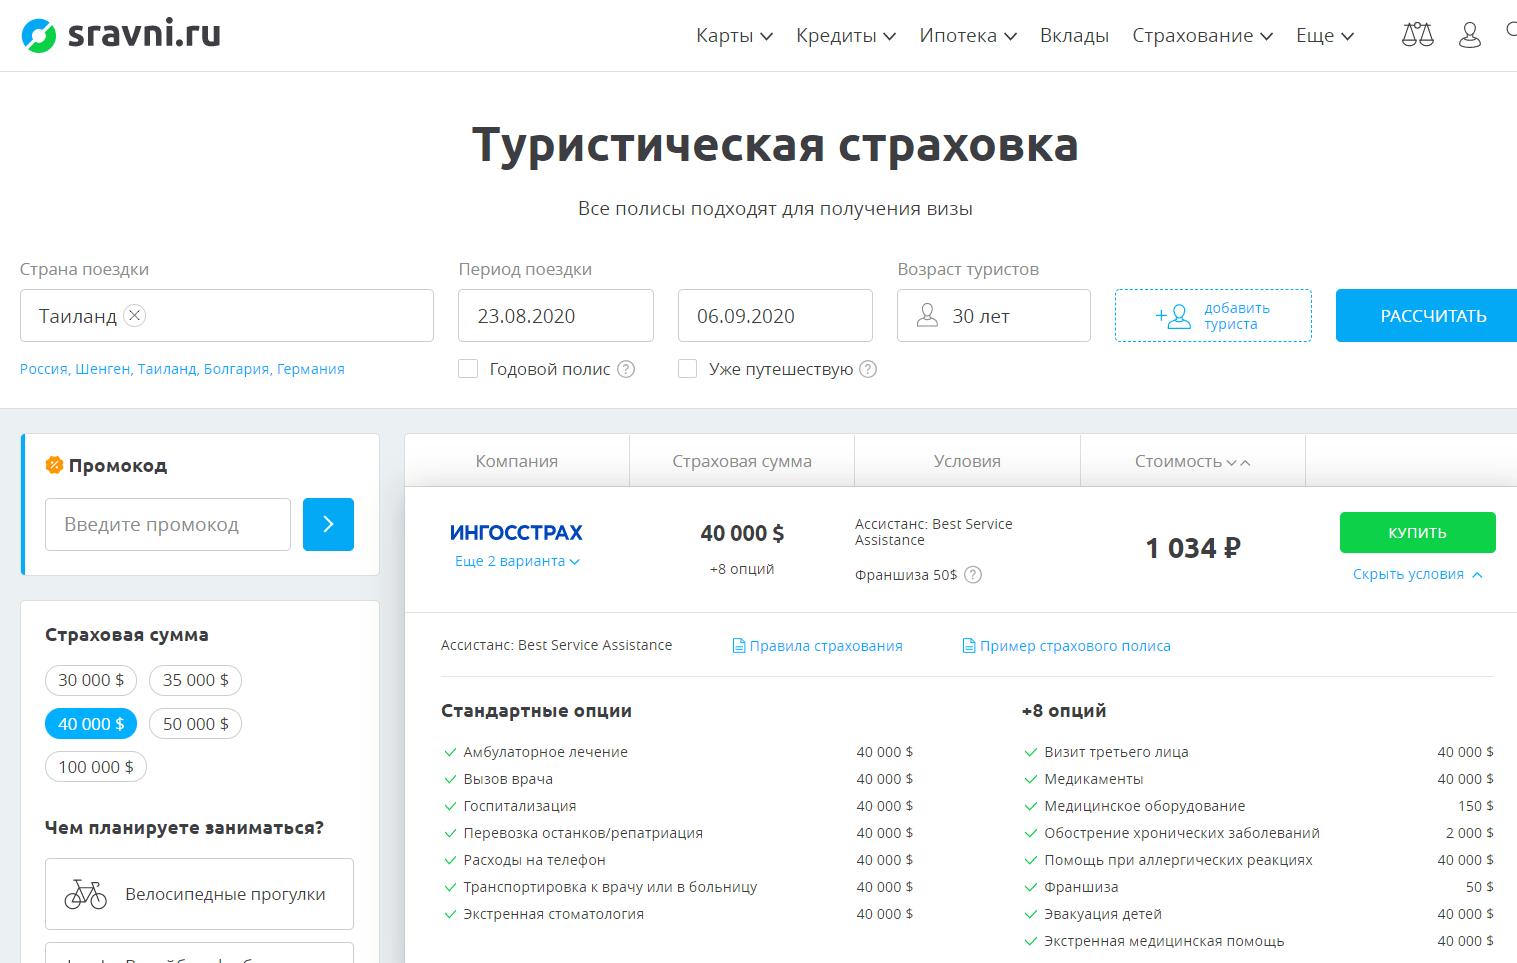 Предложение от Сравни.ру